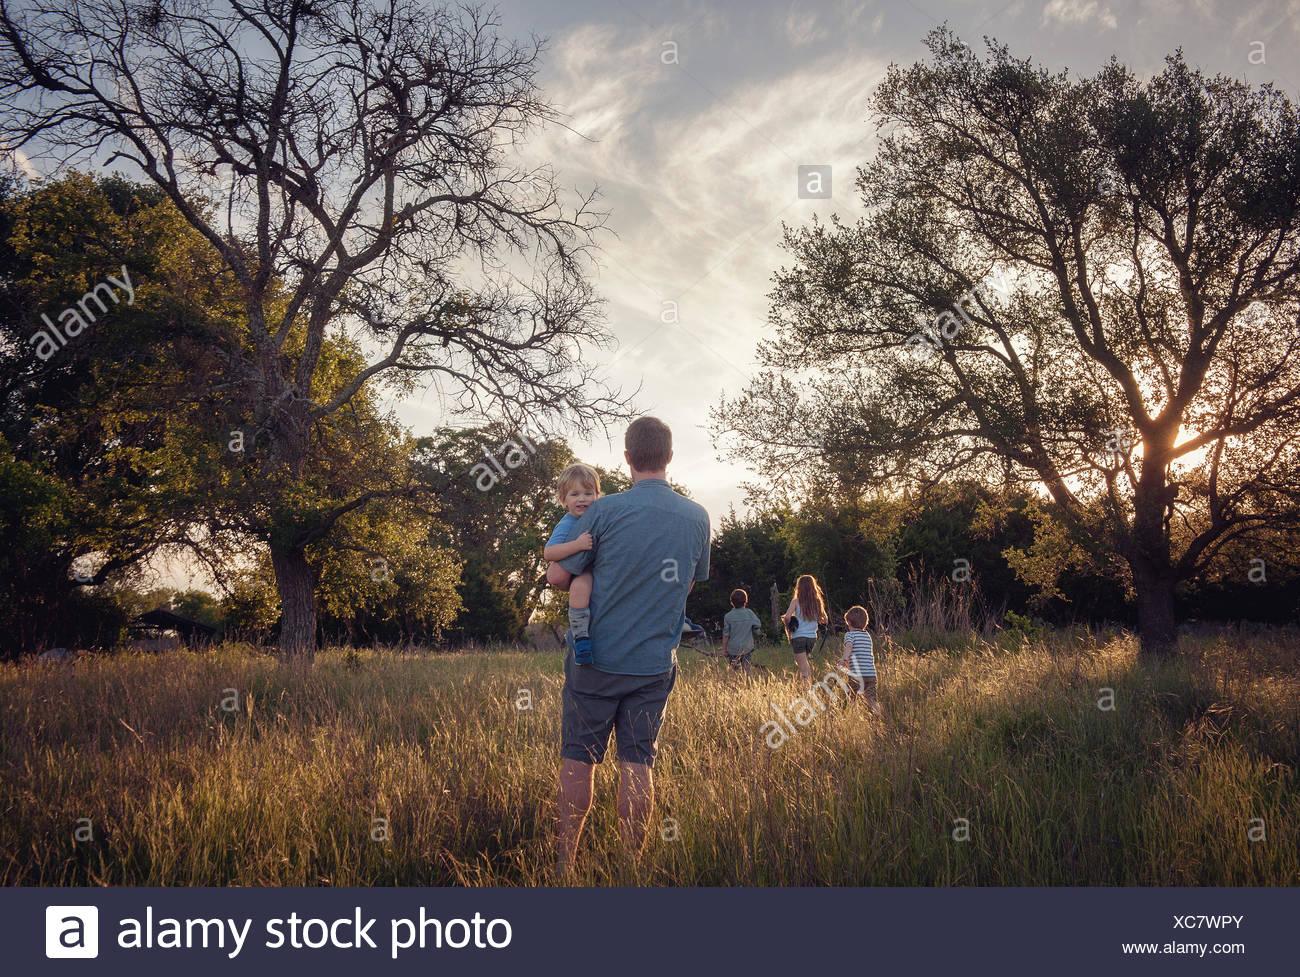 Vater und seinen vier Kindern zu Fuß in ländlichen Landschaft an der Dämmerung, Texas, Amerika, USA Stockbild